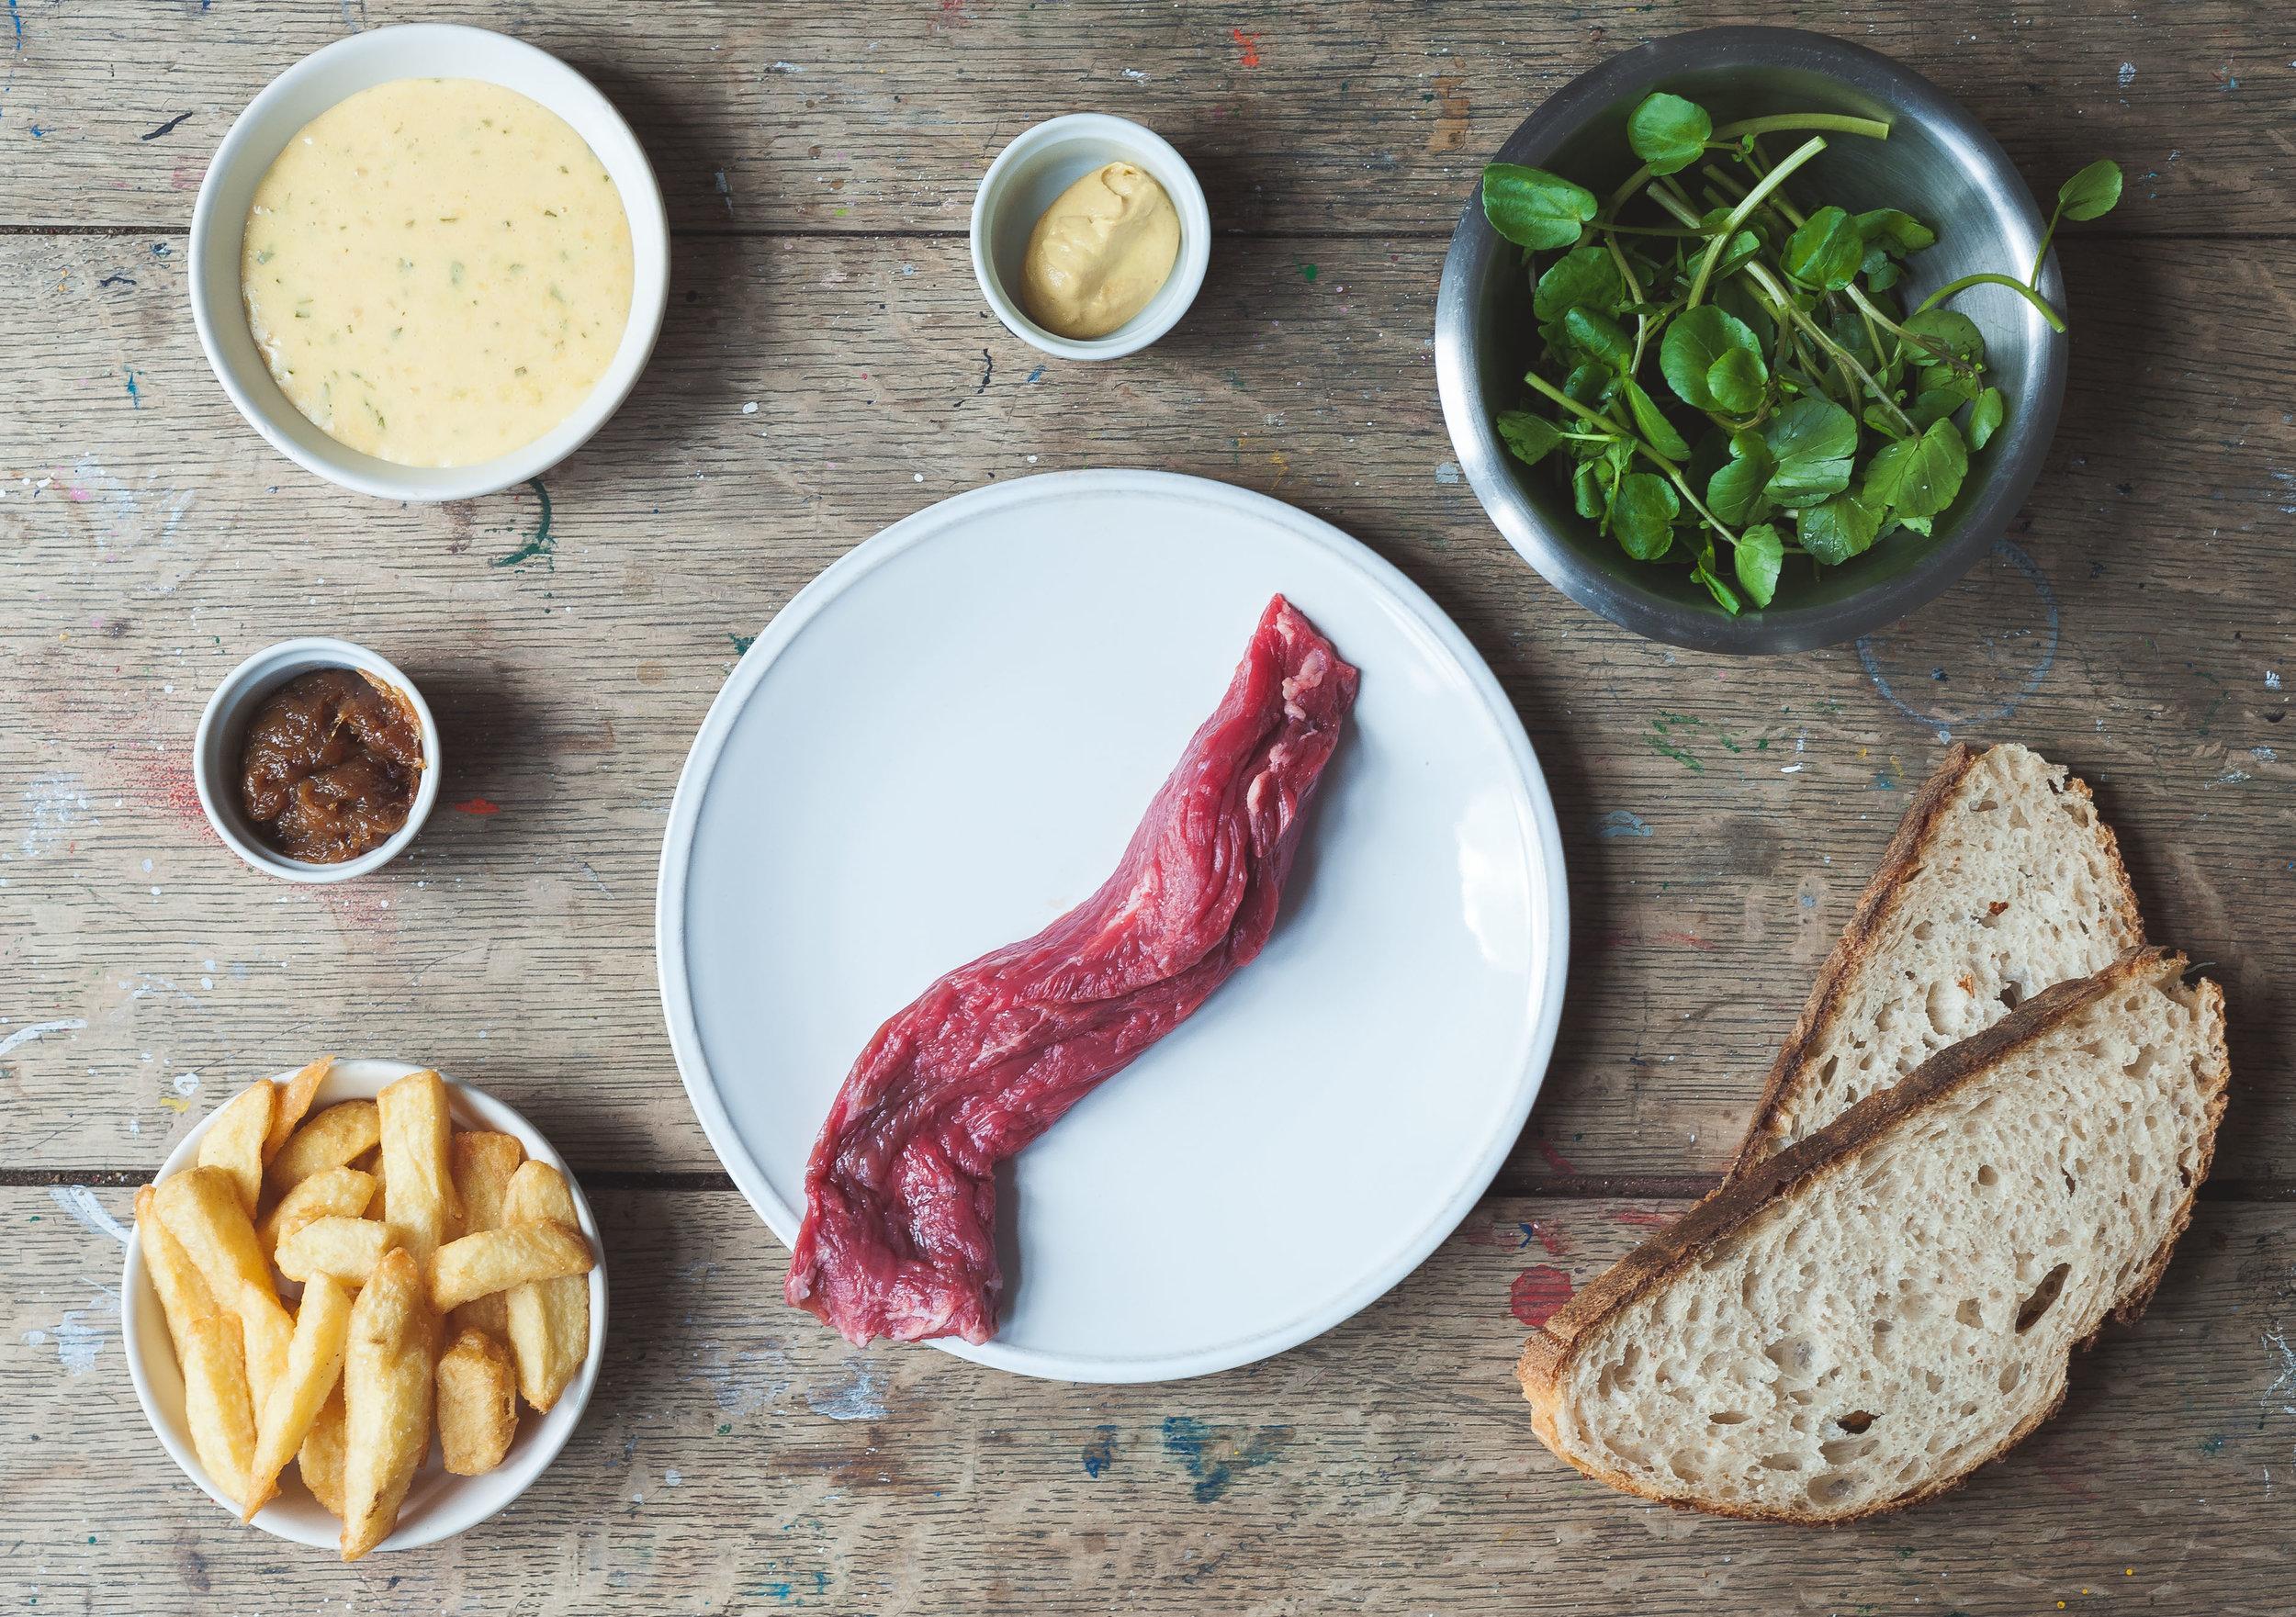 bavette-steak-sandwhich-ingredients.jpg